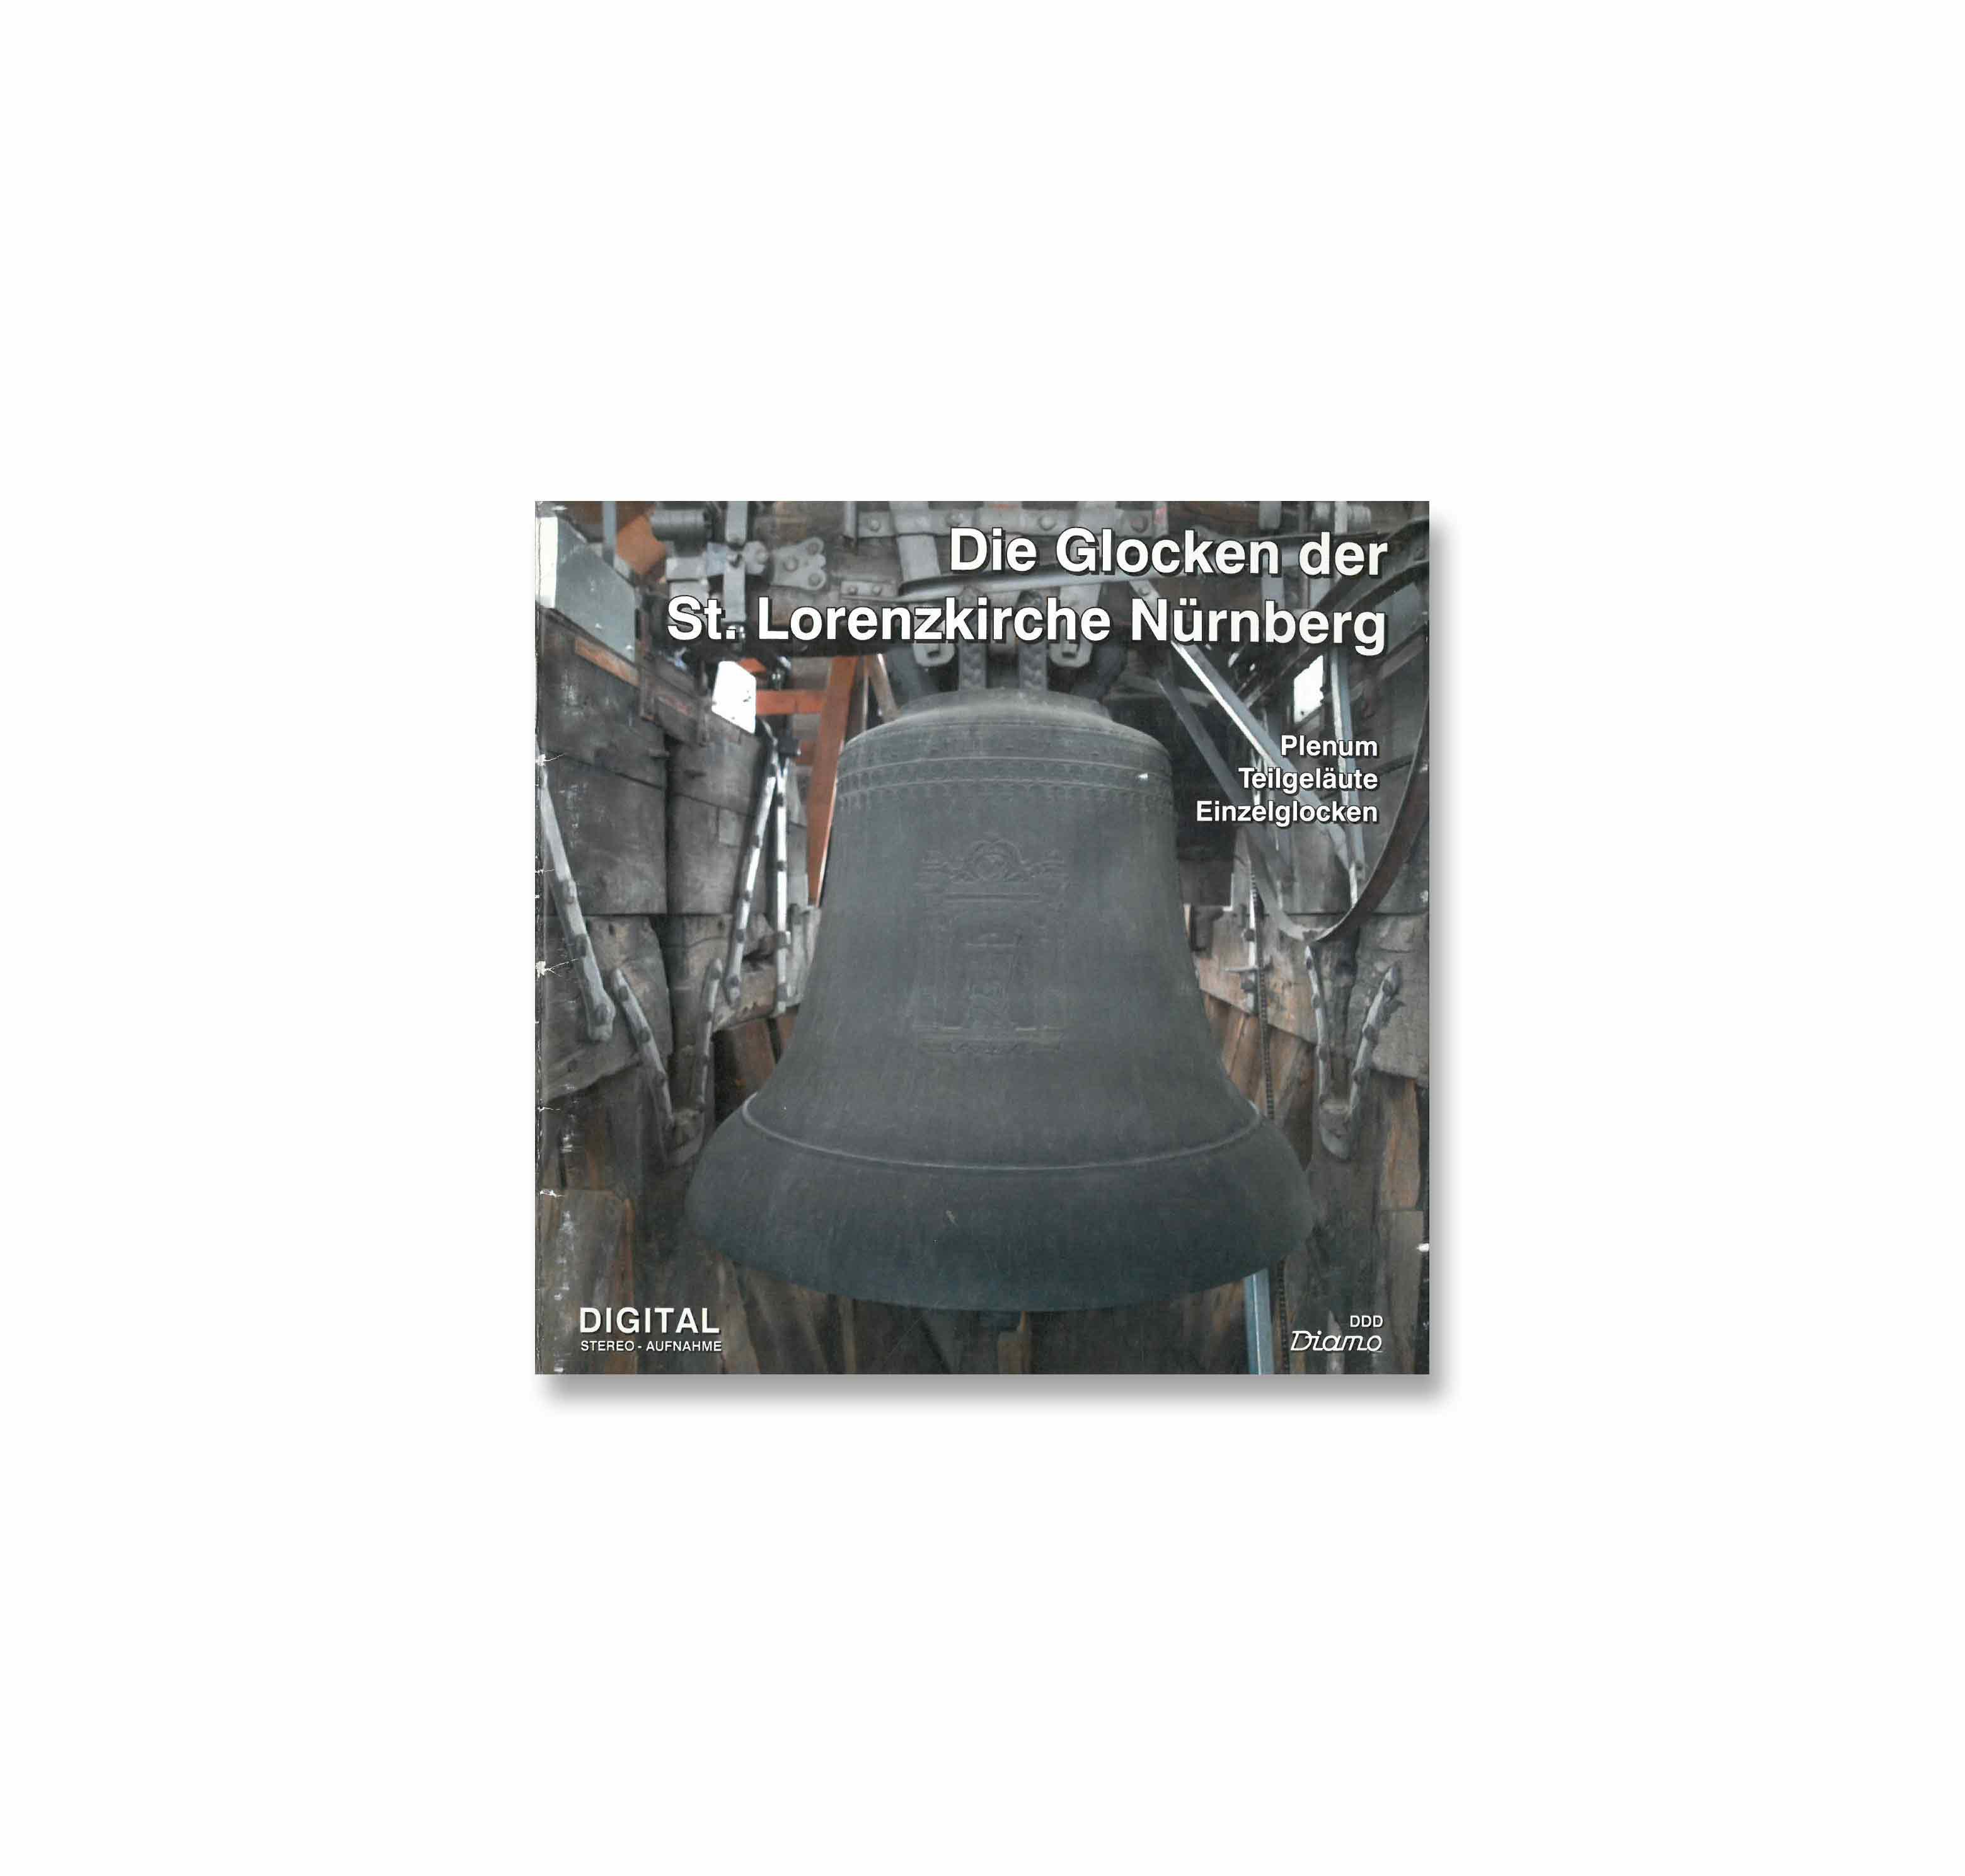 CD Glocken